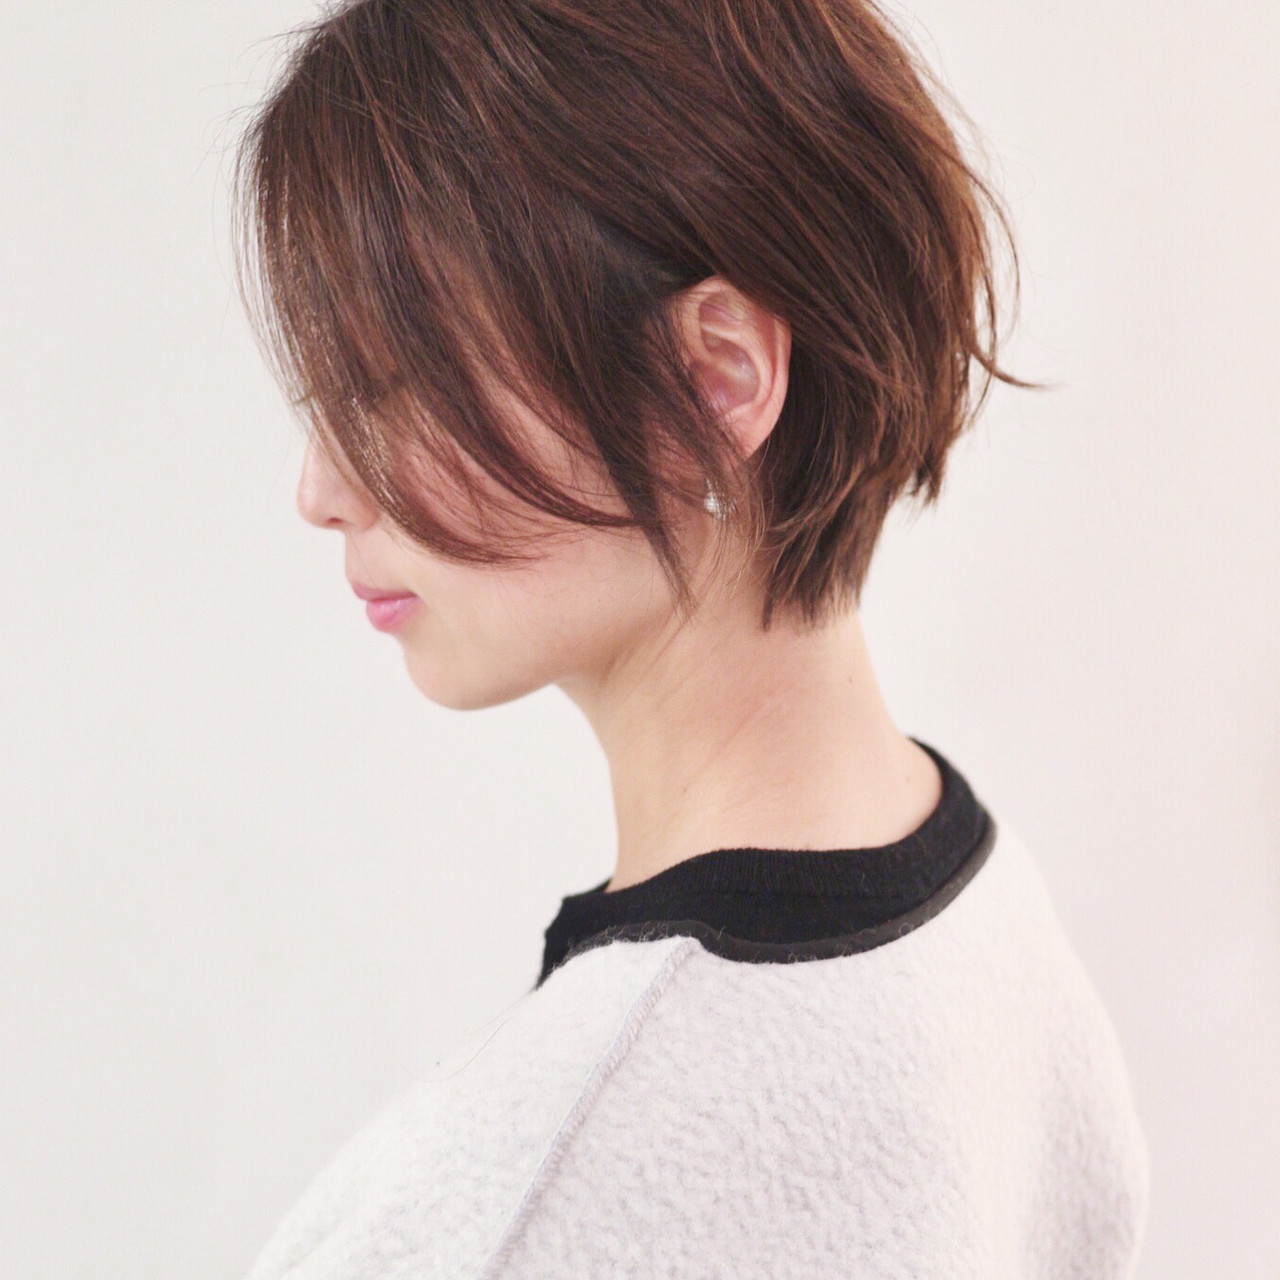 ショートヘア ハンサムショート パーマ ナチュラル ヘアスタイルや髪型の写真・画像